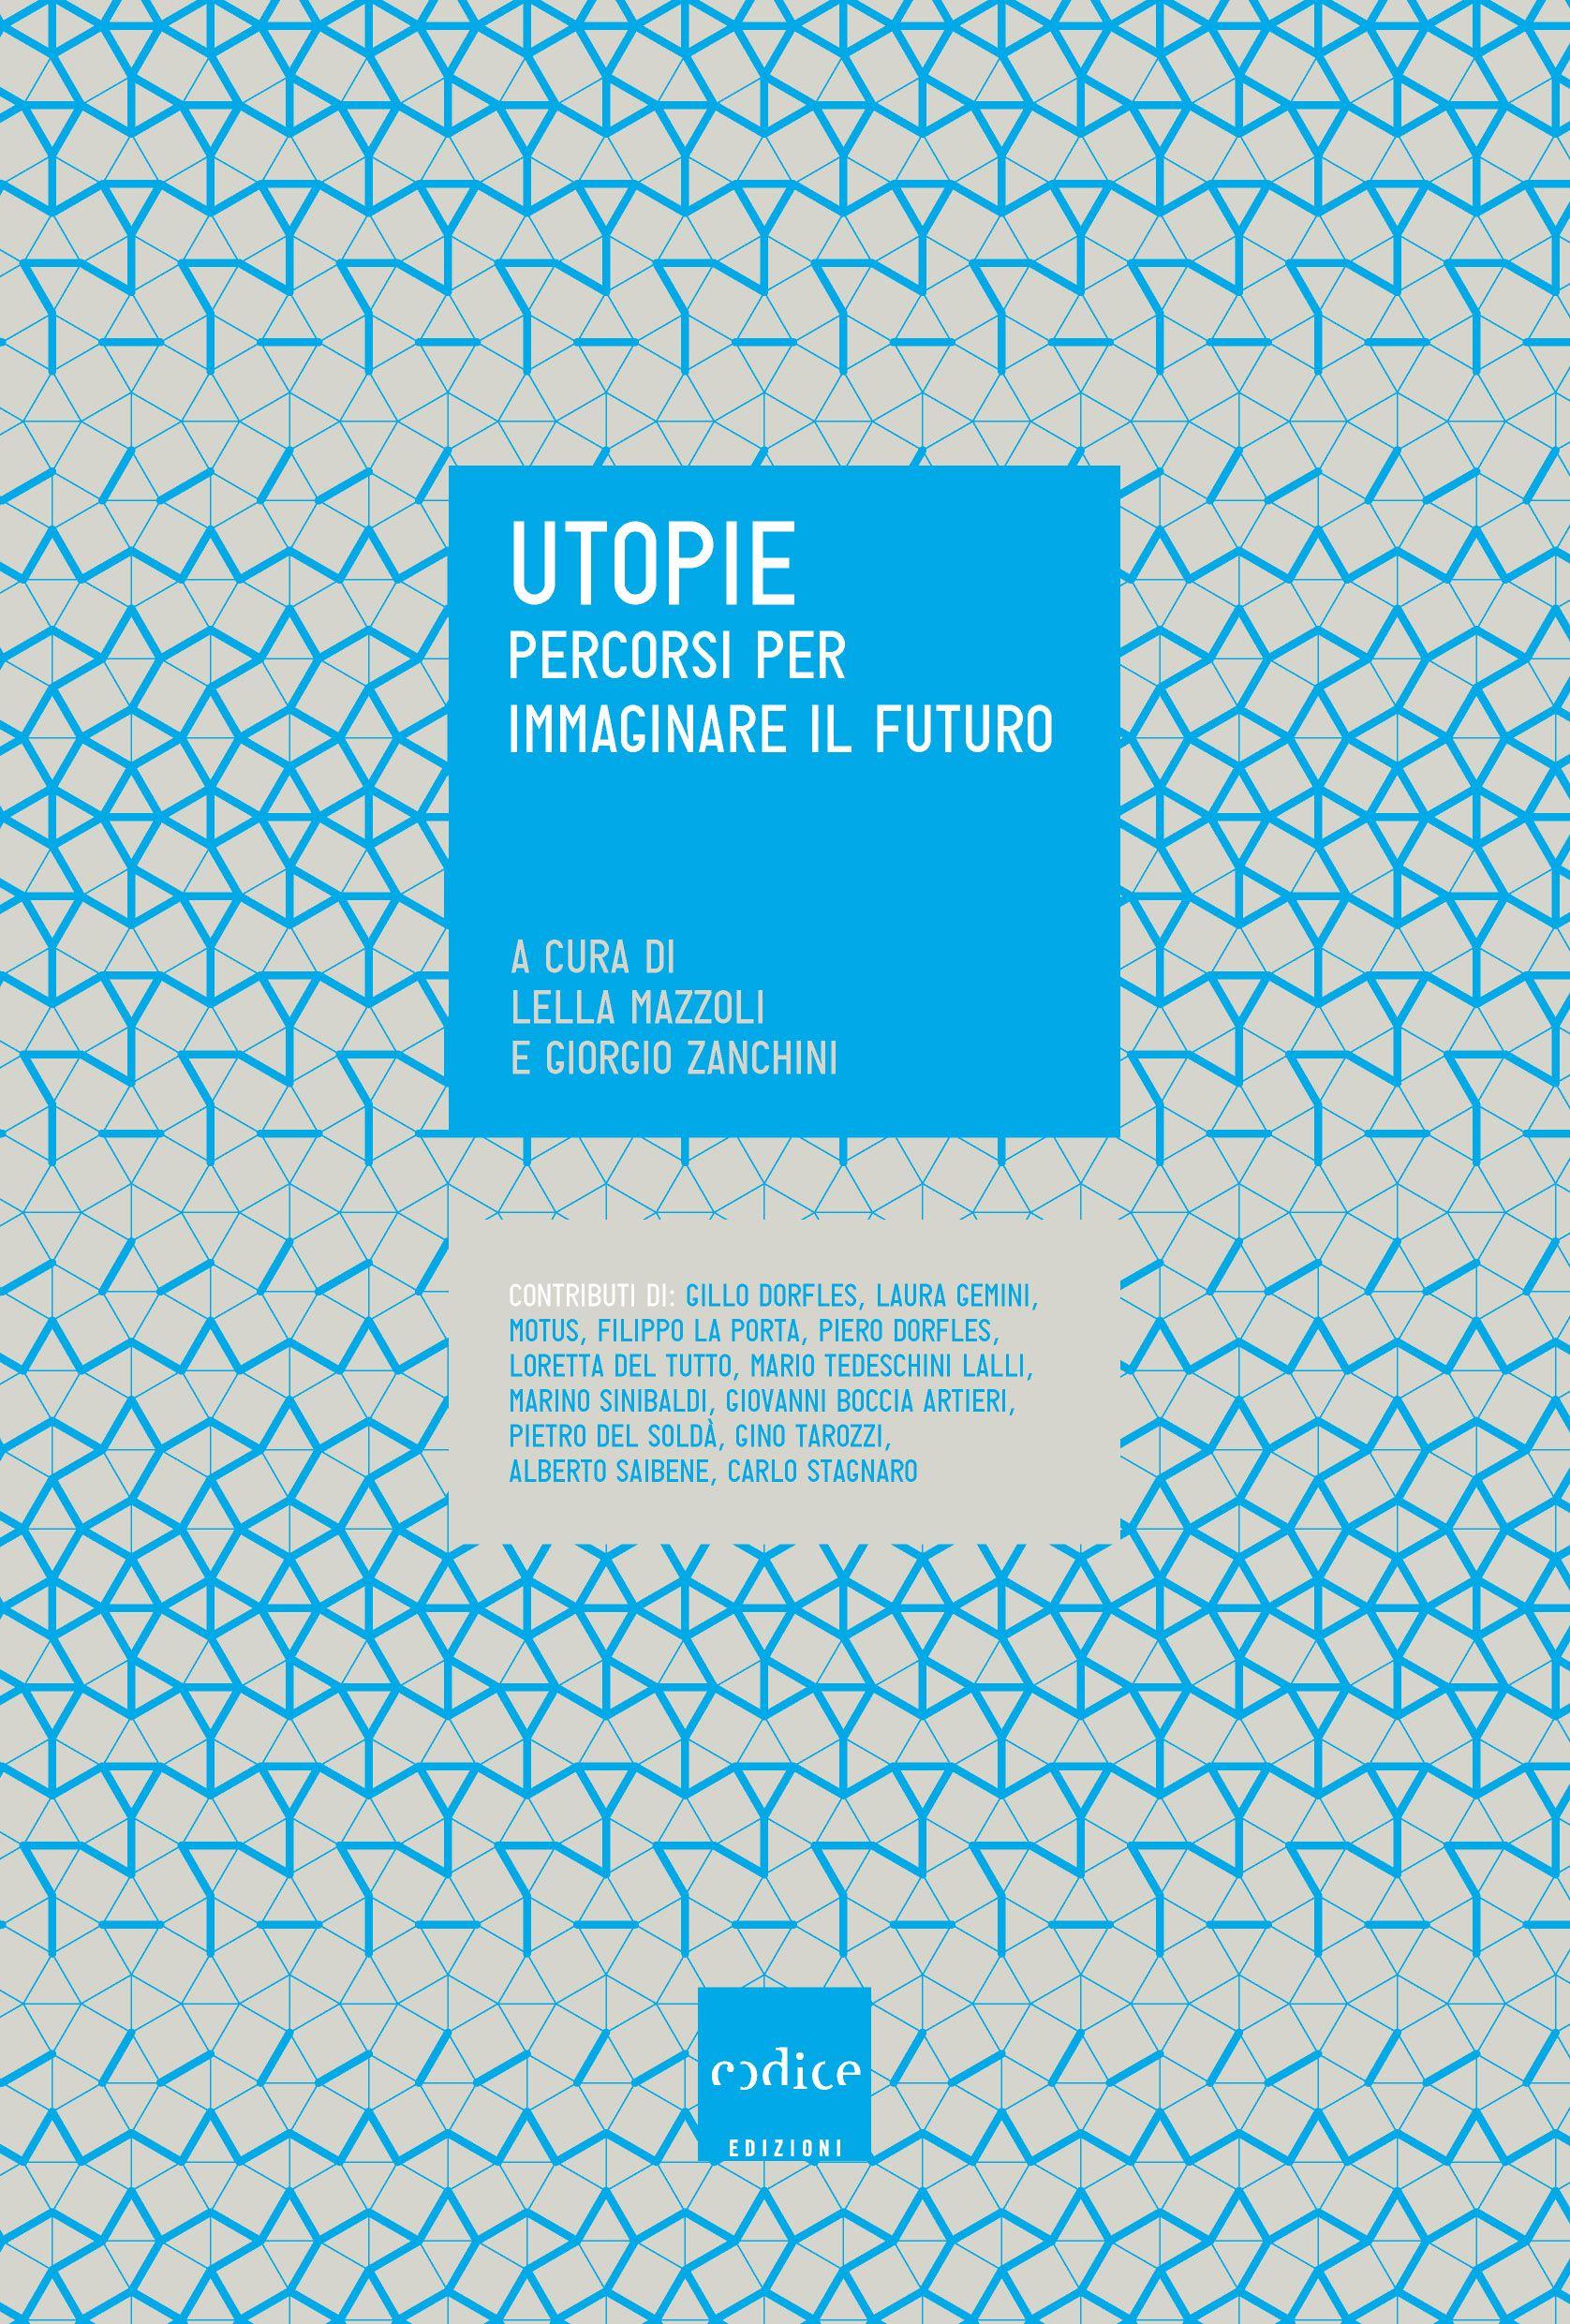 Lella Mazzoli Giorgio Zanchini - Utopie